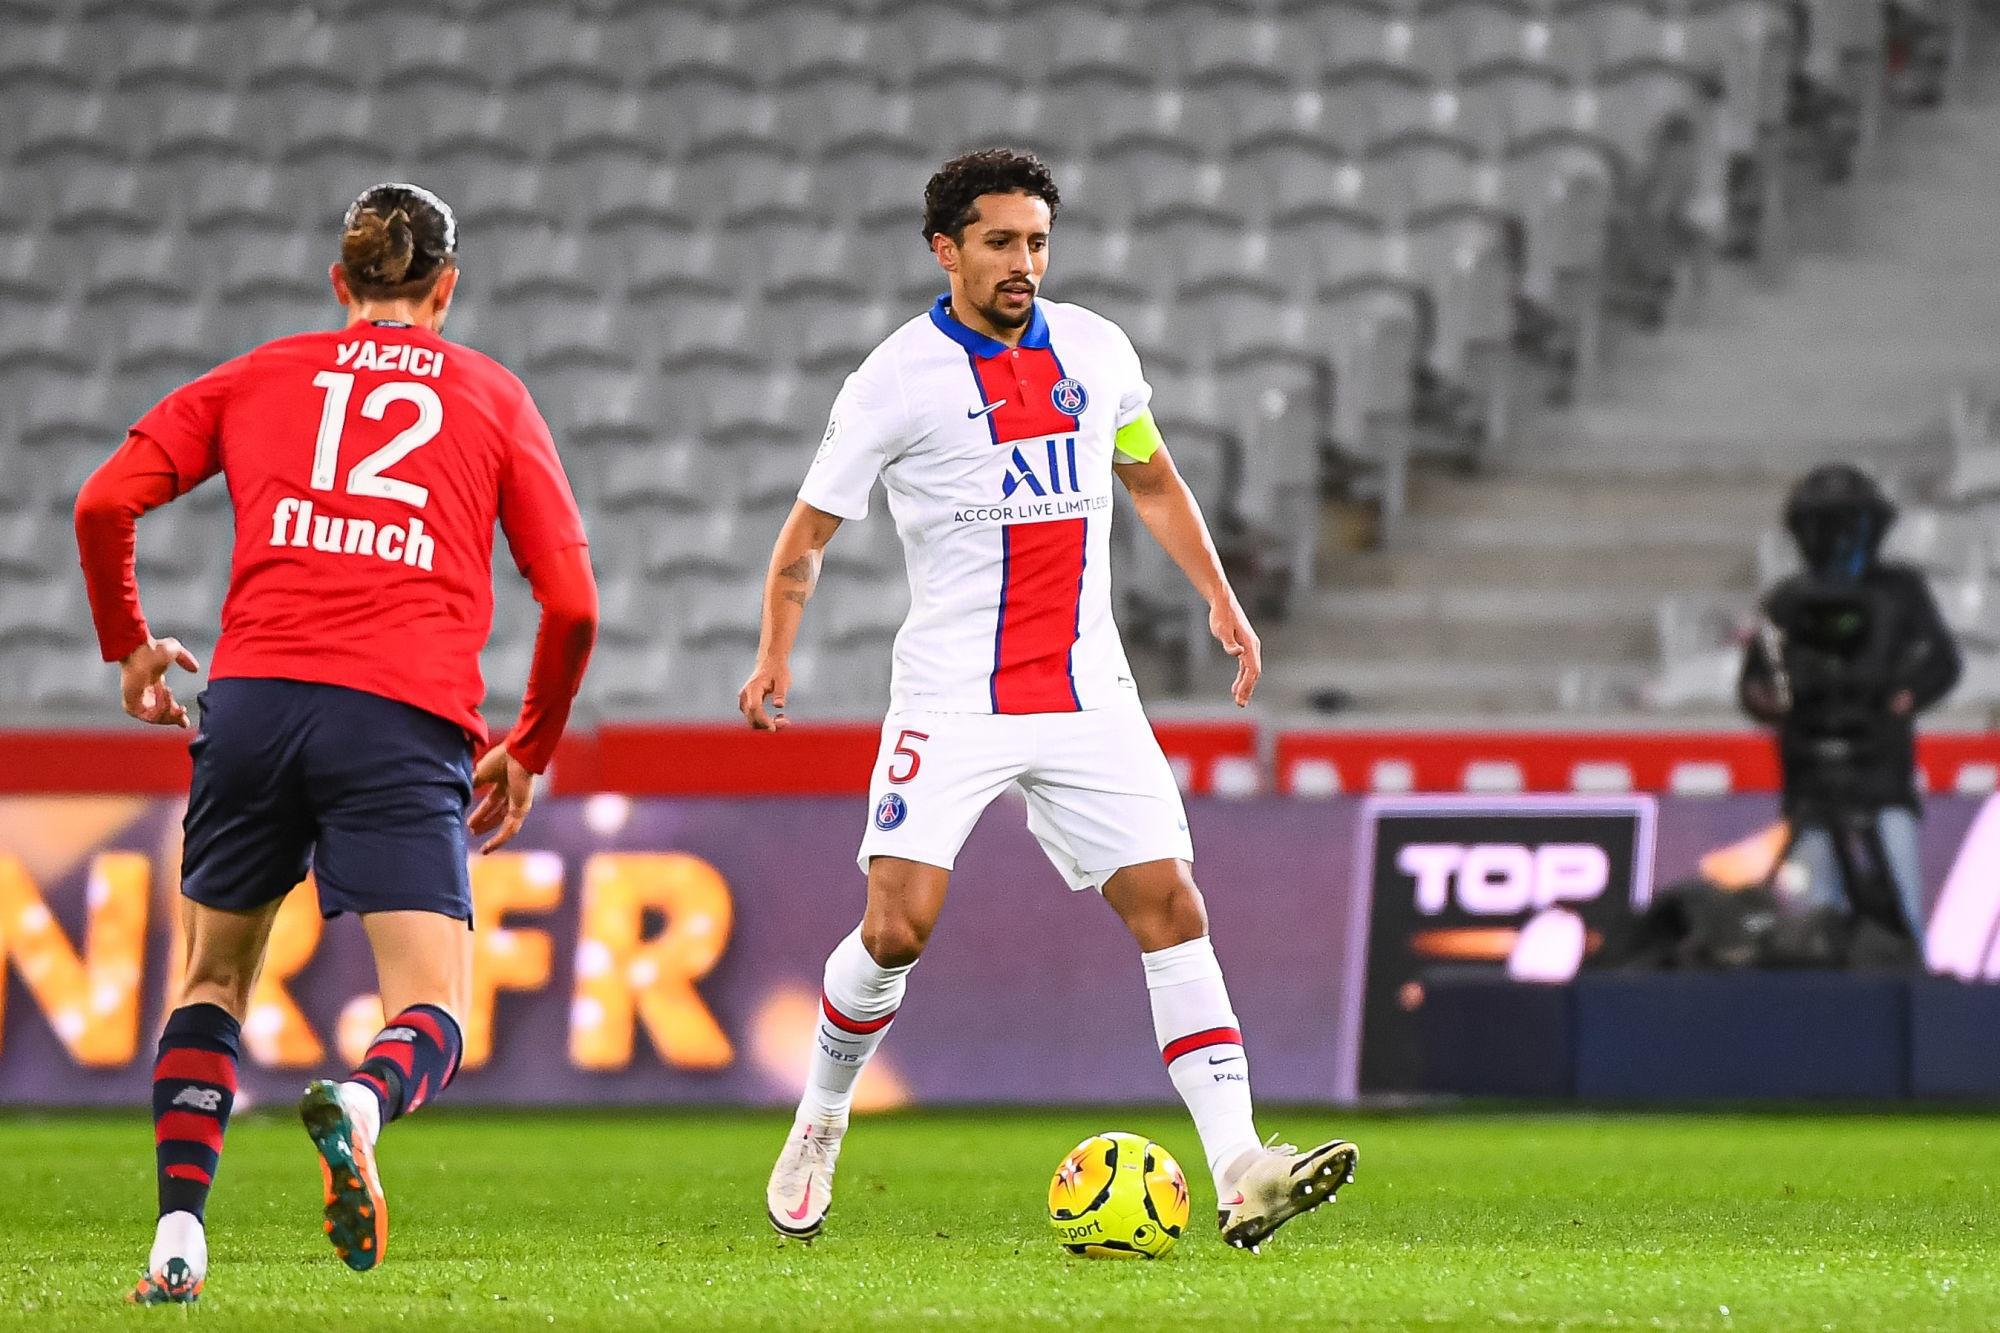 Lille/PSG - Les notes des Parisiens dans la presse : des joueurs impressionnants, d'autres décevants